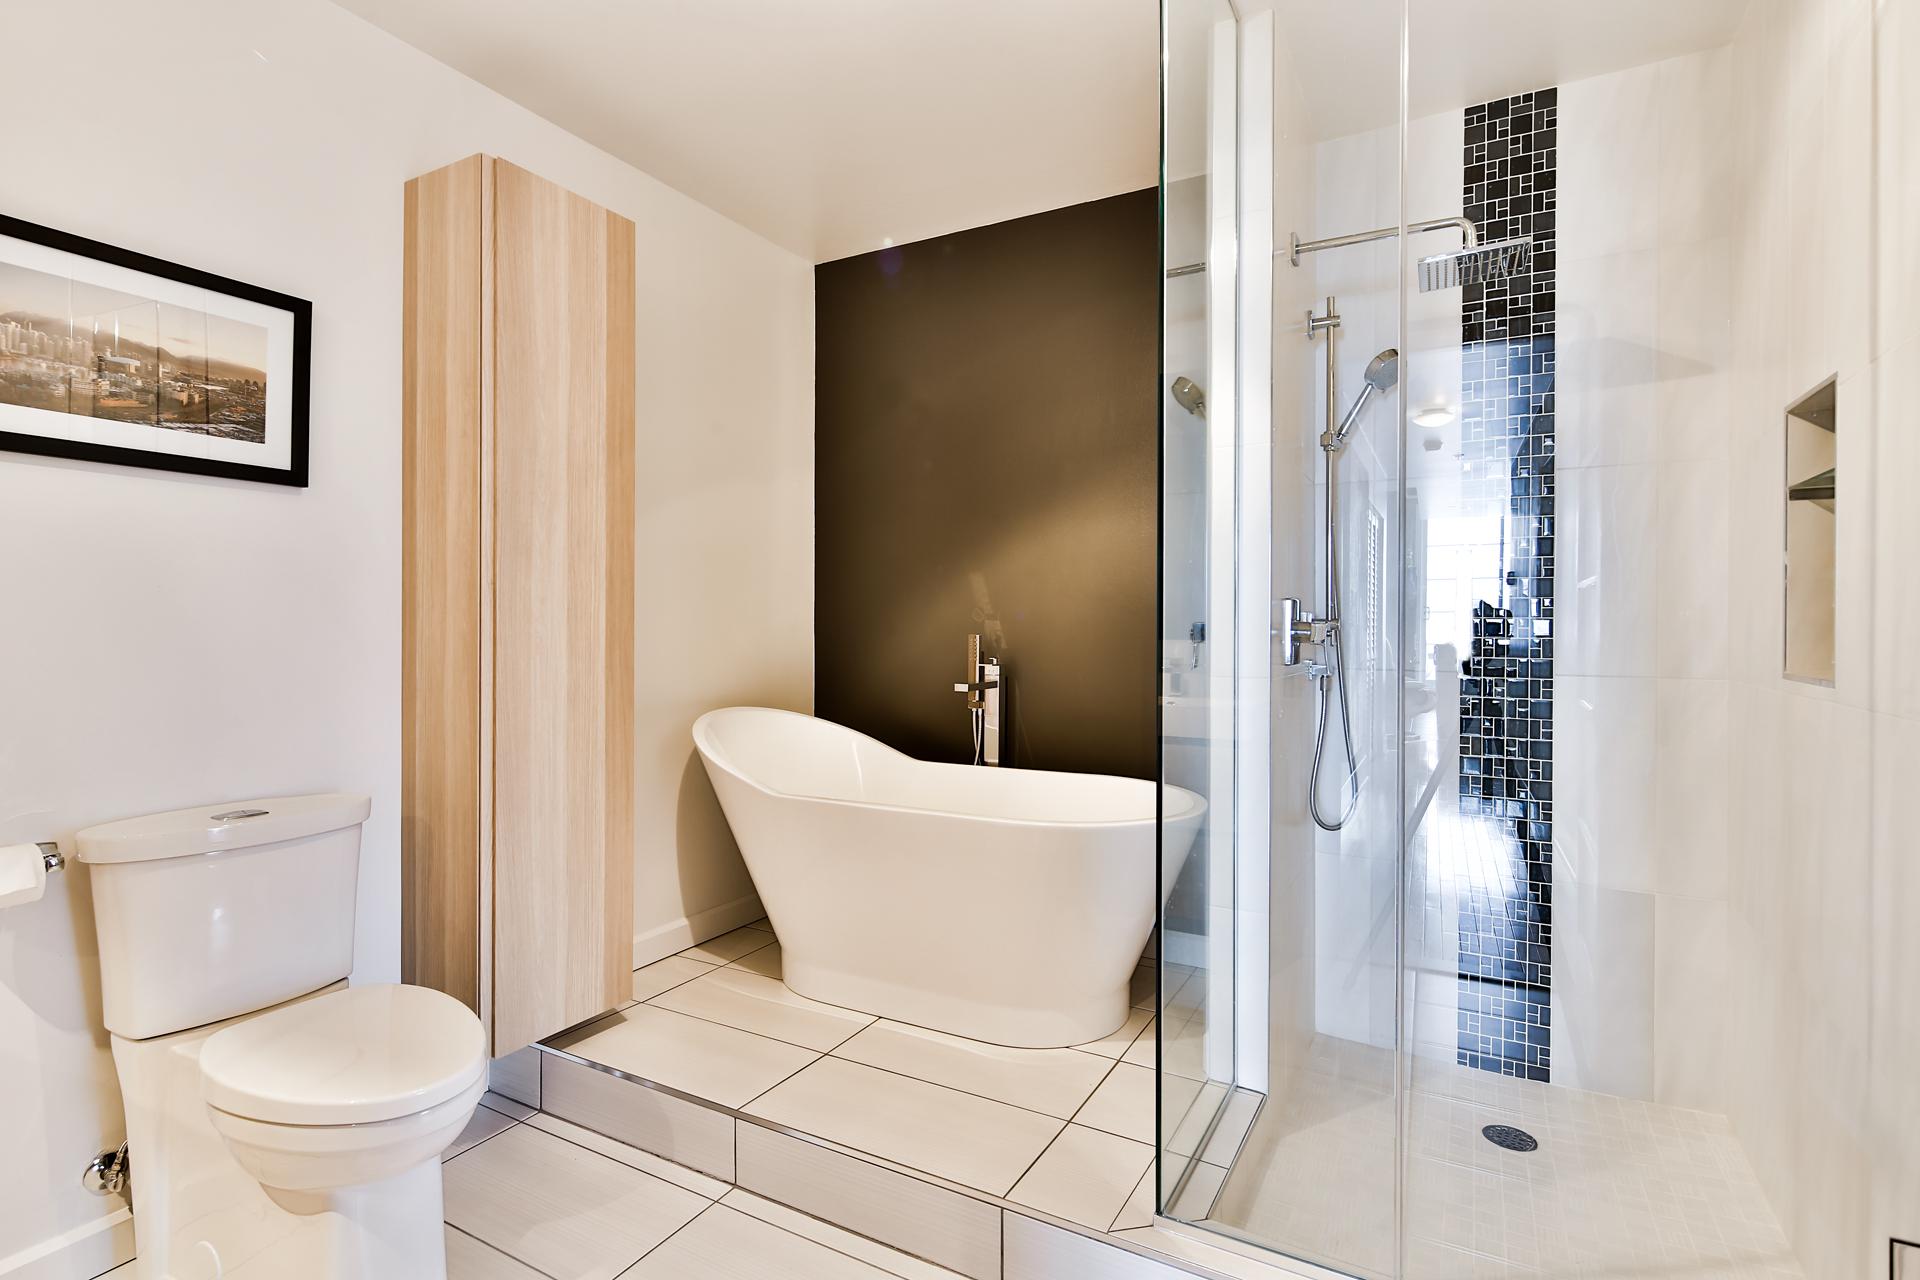 design cuisine 02. Black Bedroom Furniture Sets. Home Design Ideas